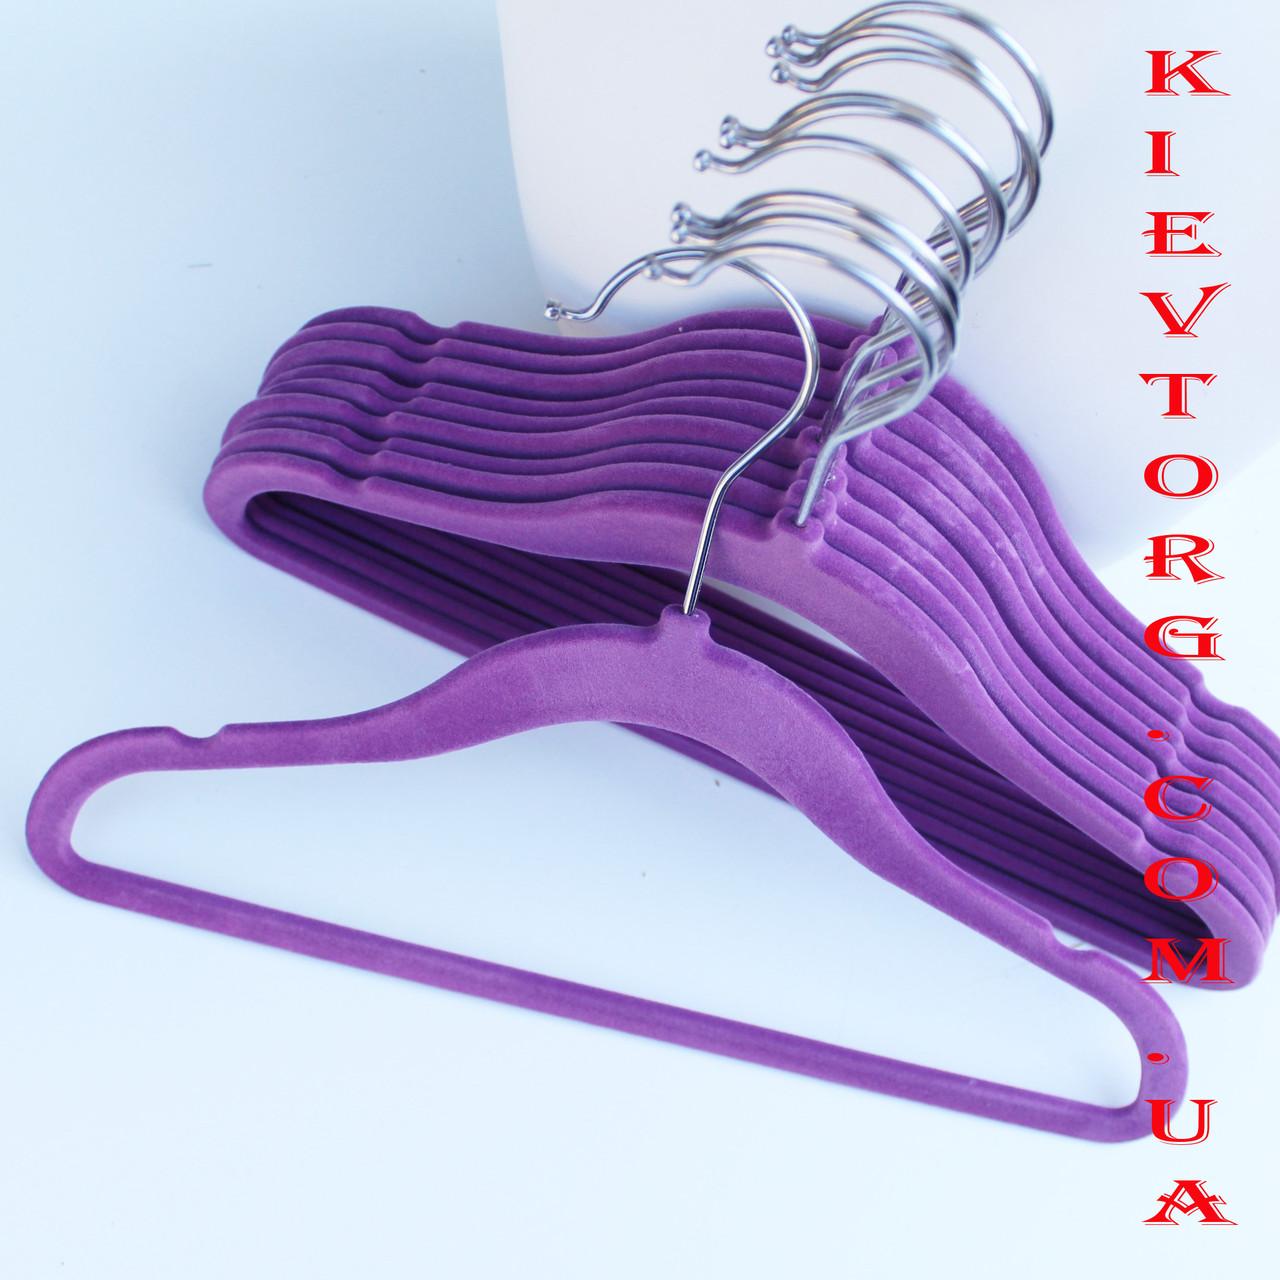 Плічка вішалки тремпеля дитячі для одягу, суконь, сорочок флокированные (оксамитові) для одягу фіолетові,